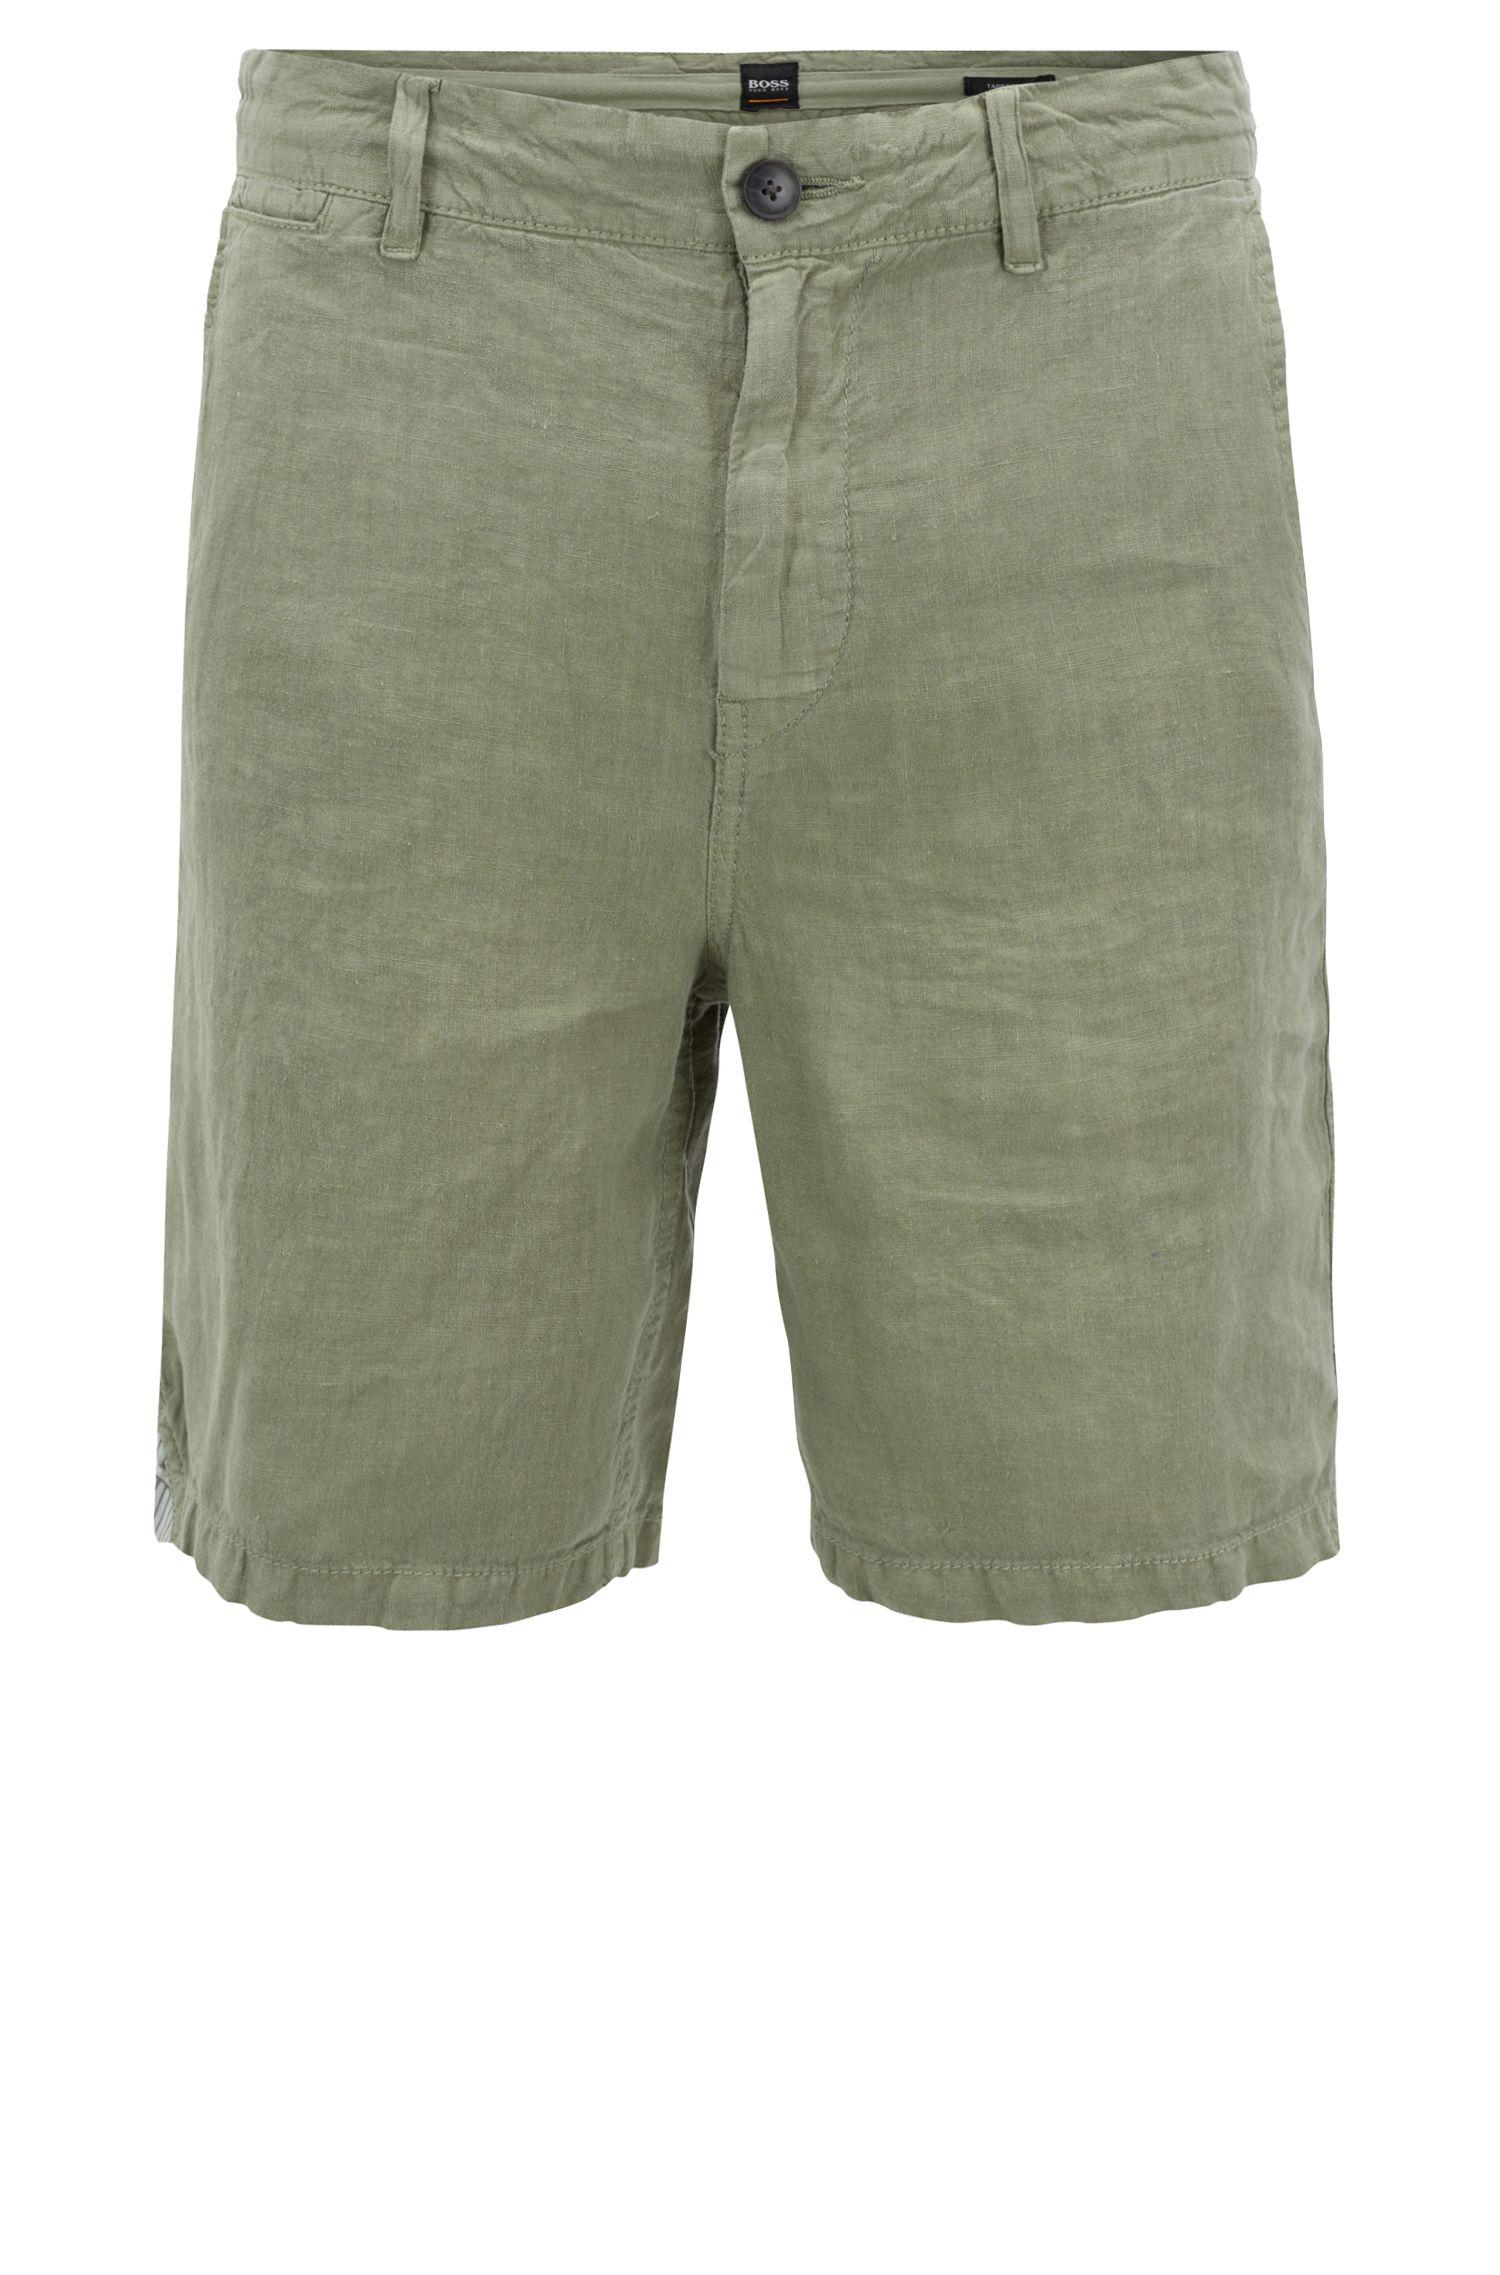 Shorts con teñido especial de lino con cordón interior en la cintura